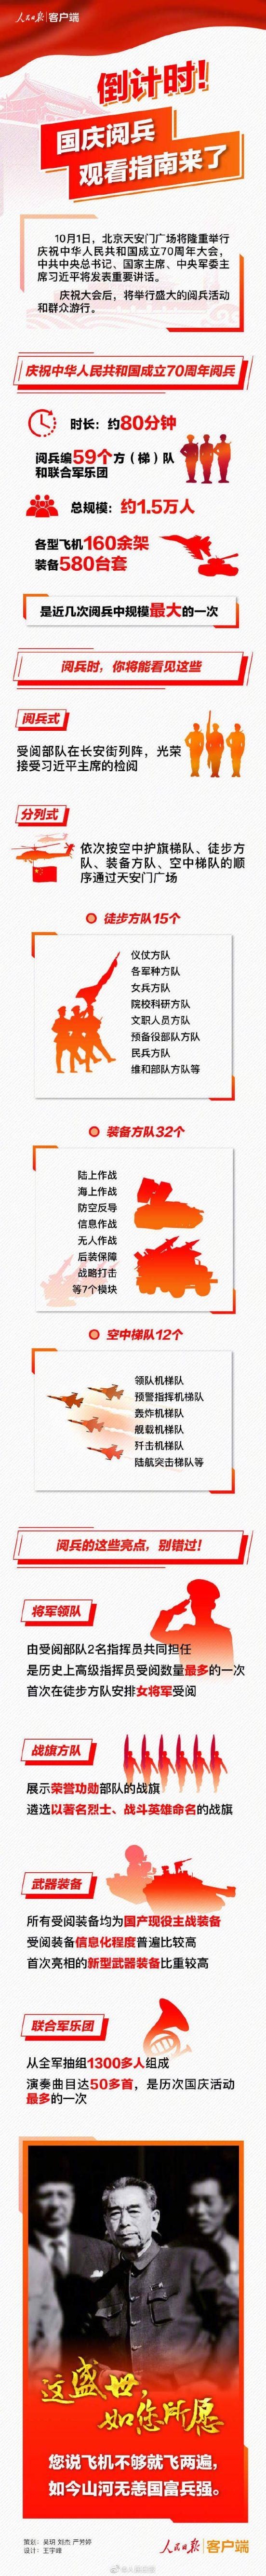 2019国庆大阅兵观看指南(直播时间 直播入口 节目单)